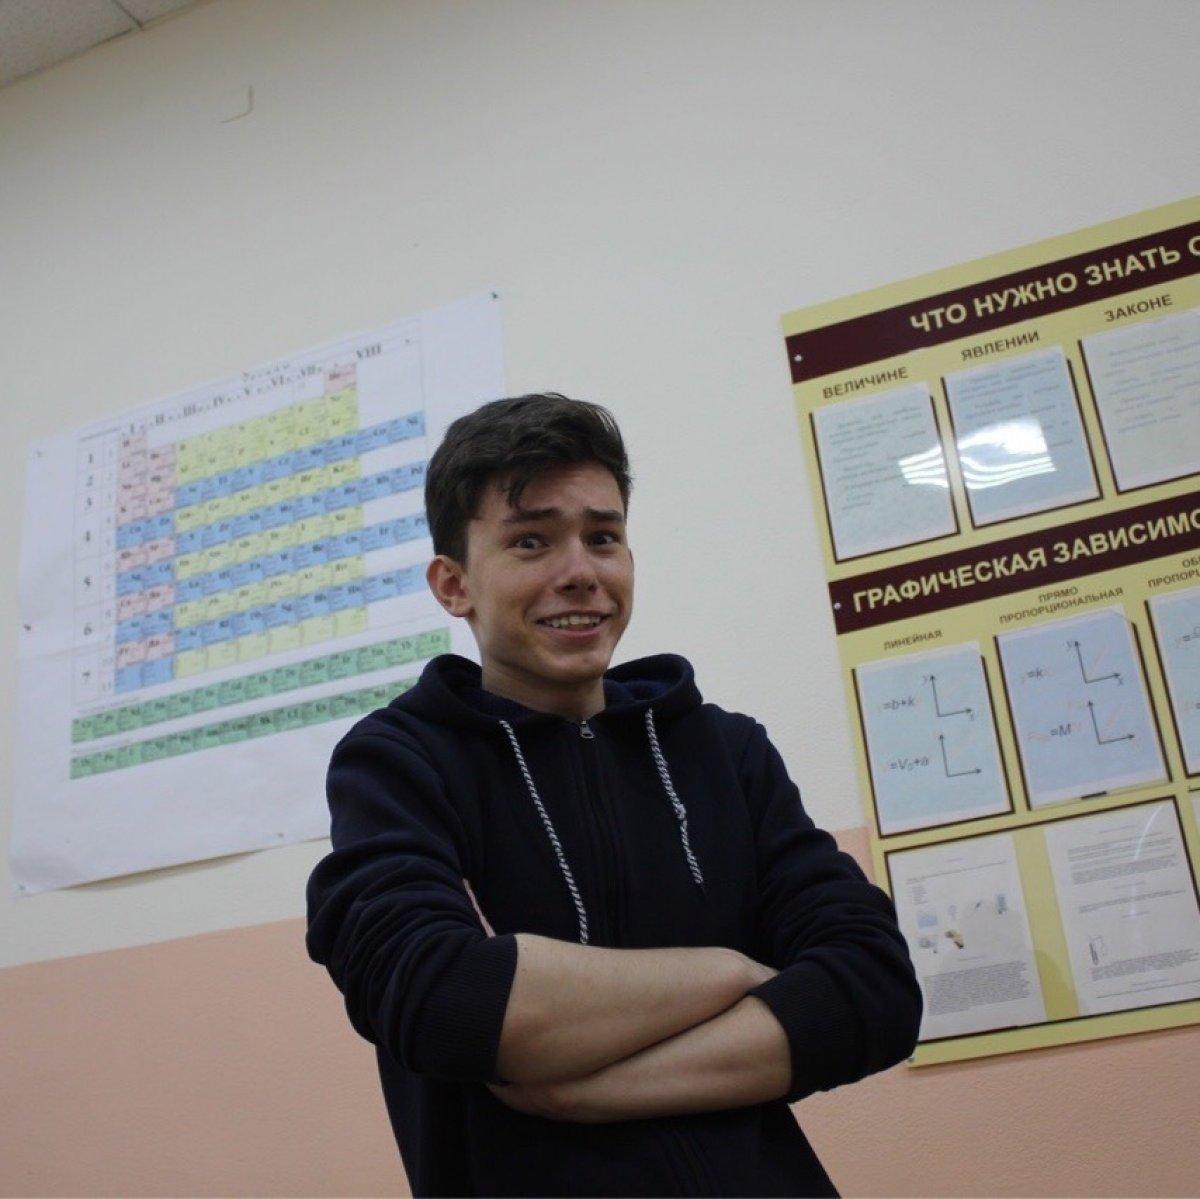 Илья Городецкий